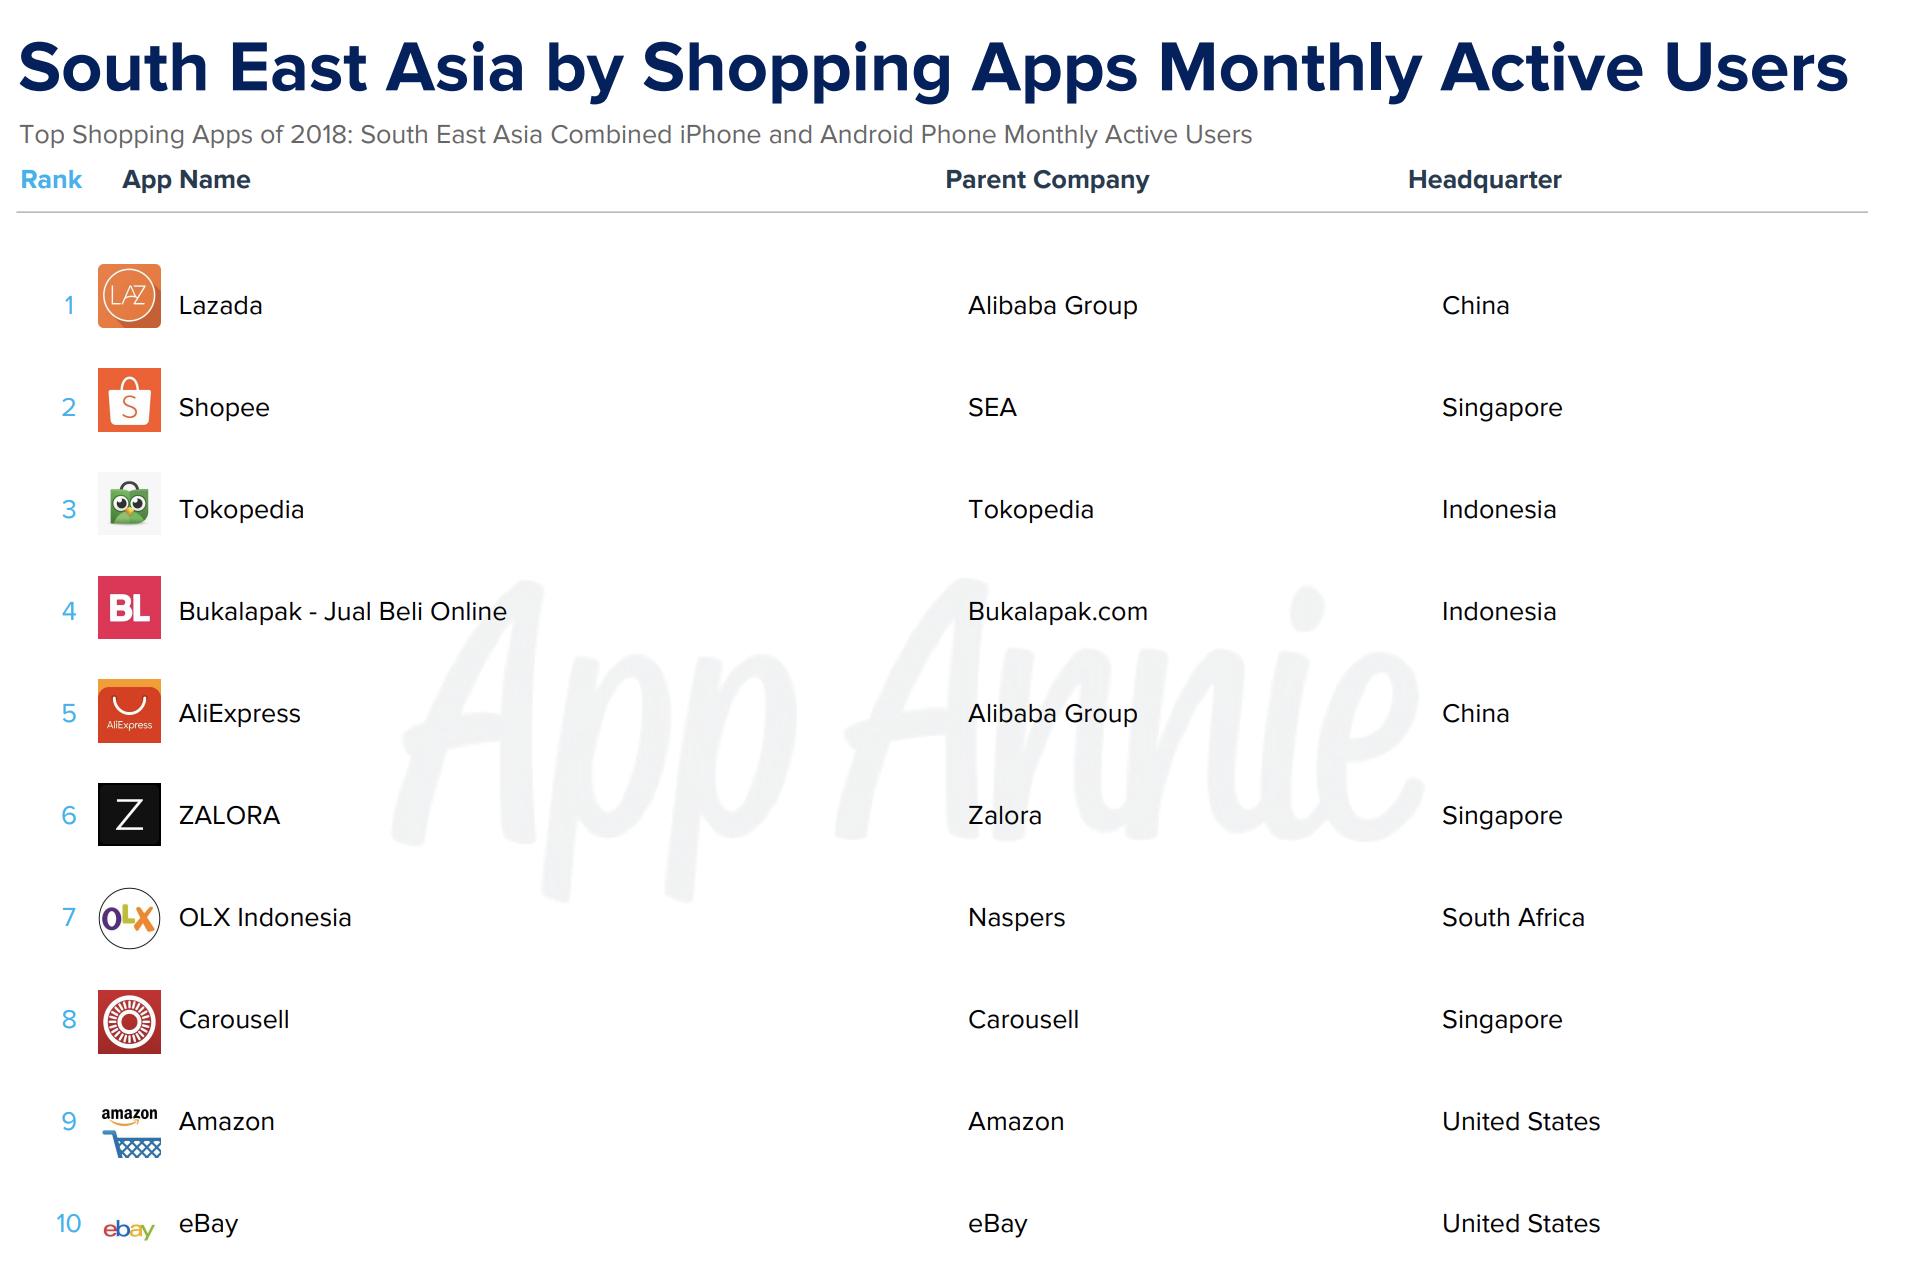 Lazada获评全球移动应用权威机构App Annie东南亚最佳购物应用